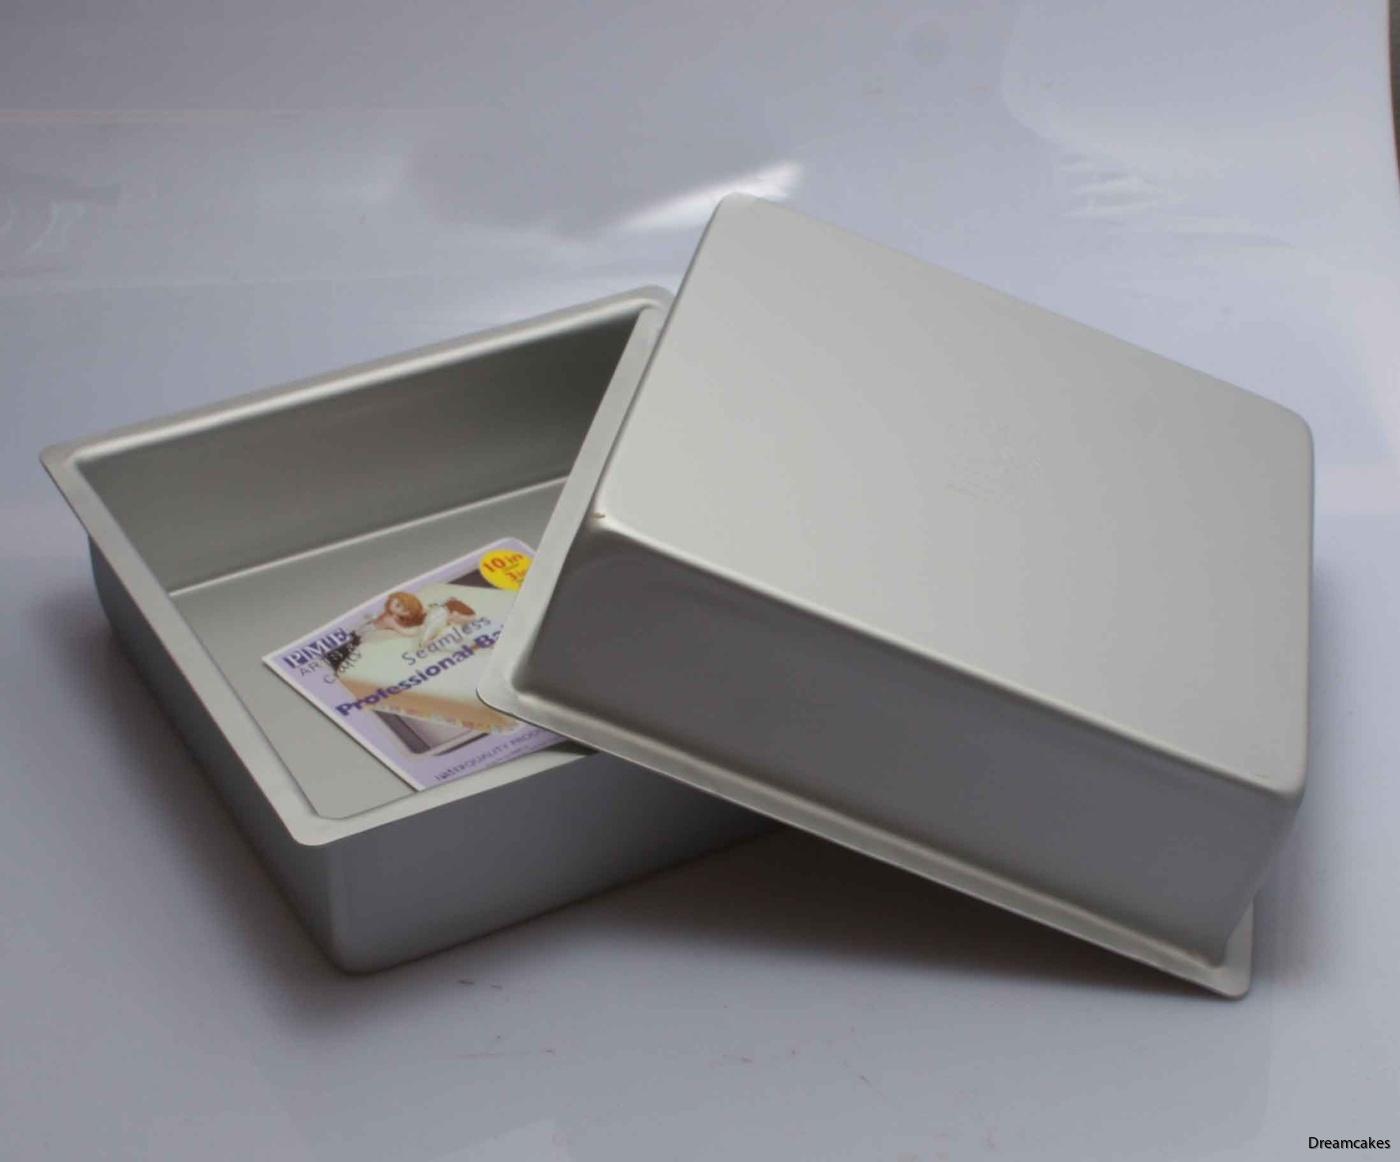 fyrkantig bakform, bakform, aluminiumform, jämn bakning, kvadratisk bakform, tårtform, baka tårta